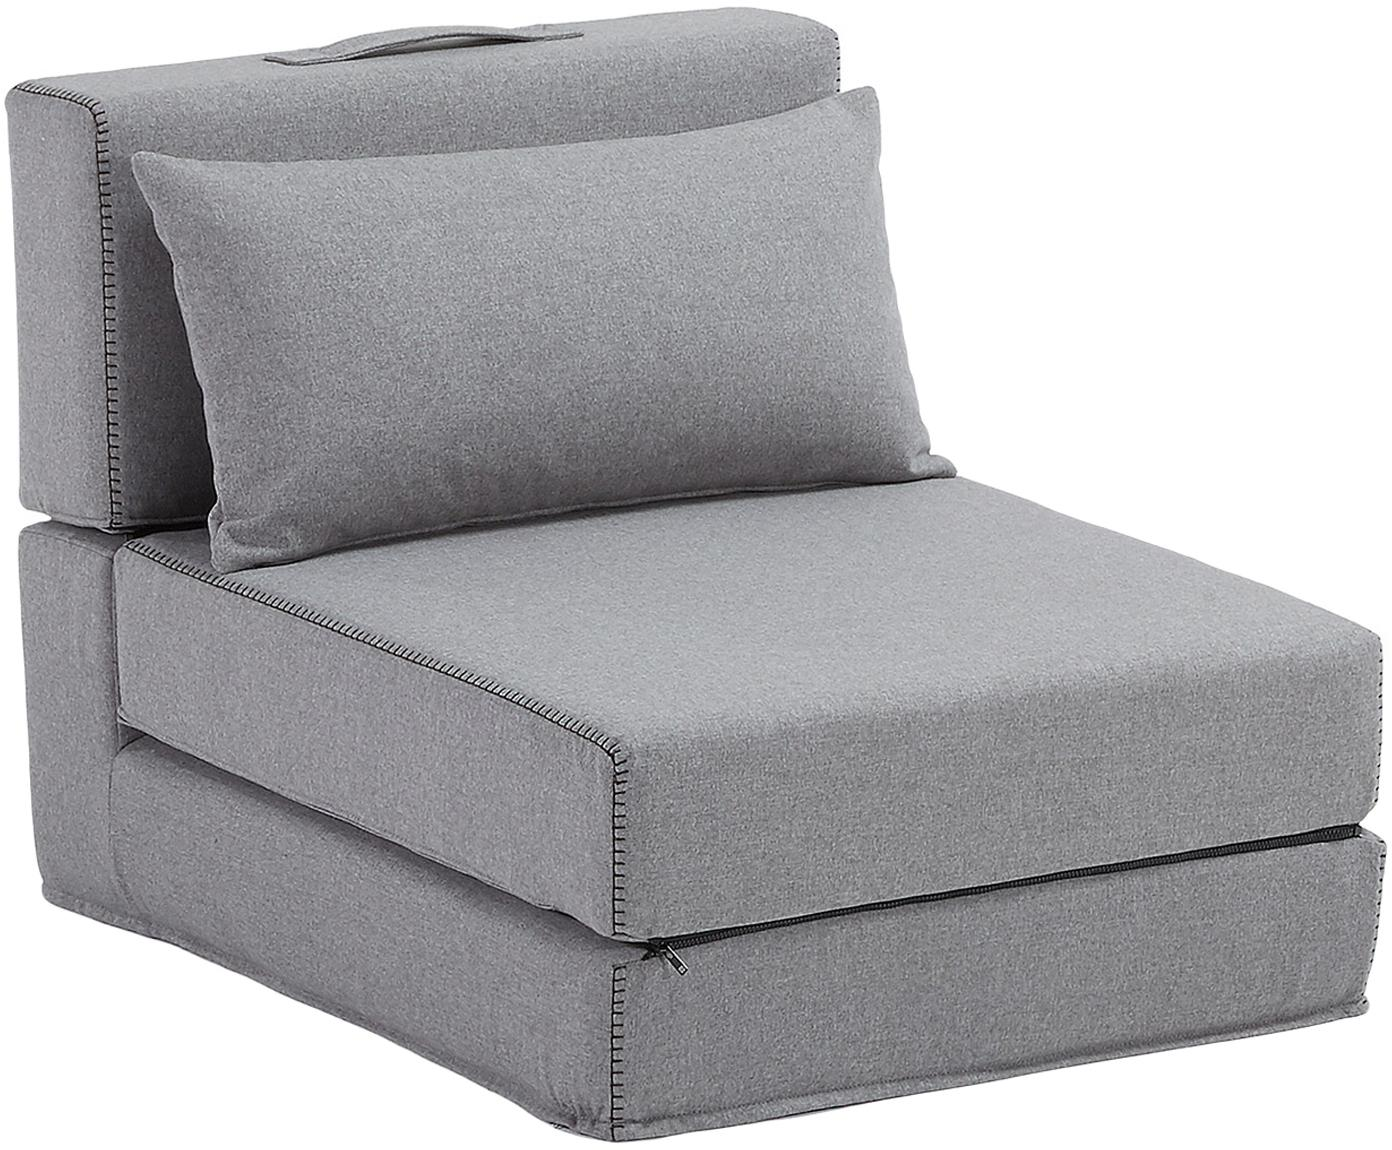 Poltrona letto singolo pieghevole in tessuto grigio Arty, Rivestimento: poliestere, Grigio, Larg. 70 x Alt. 67 cm